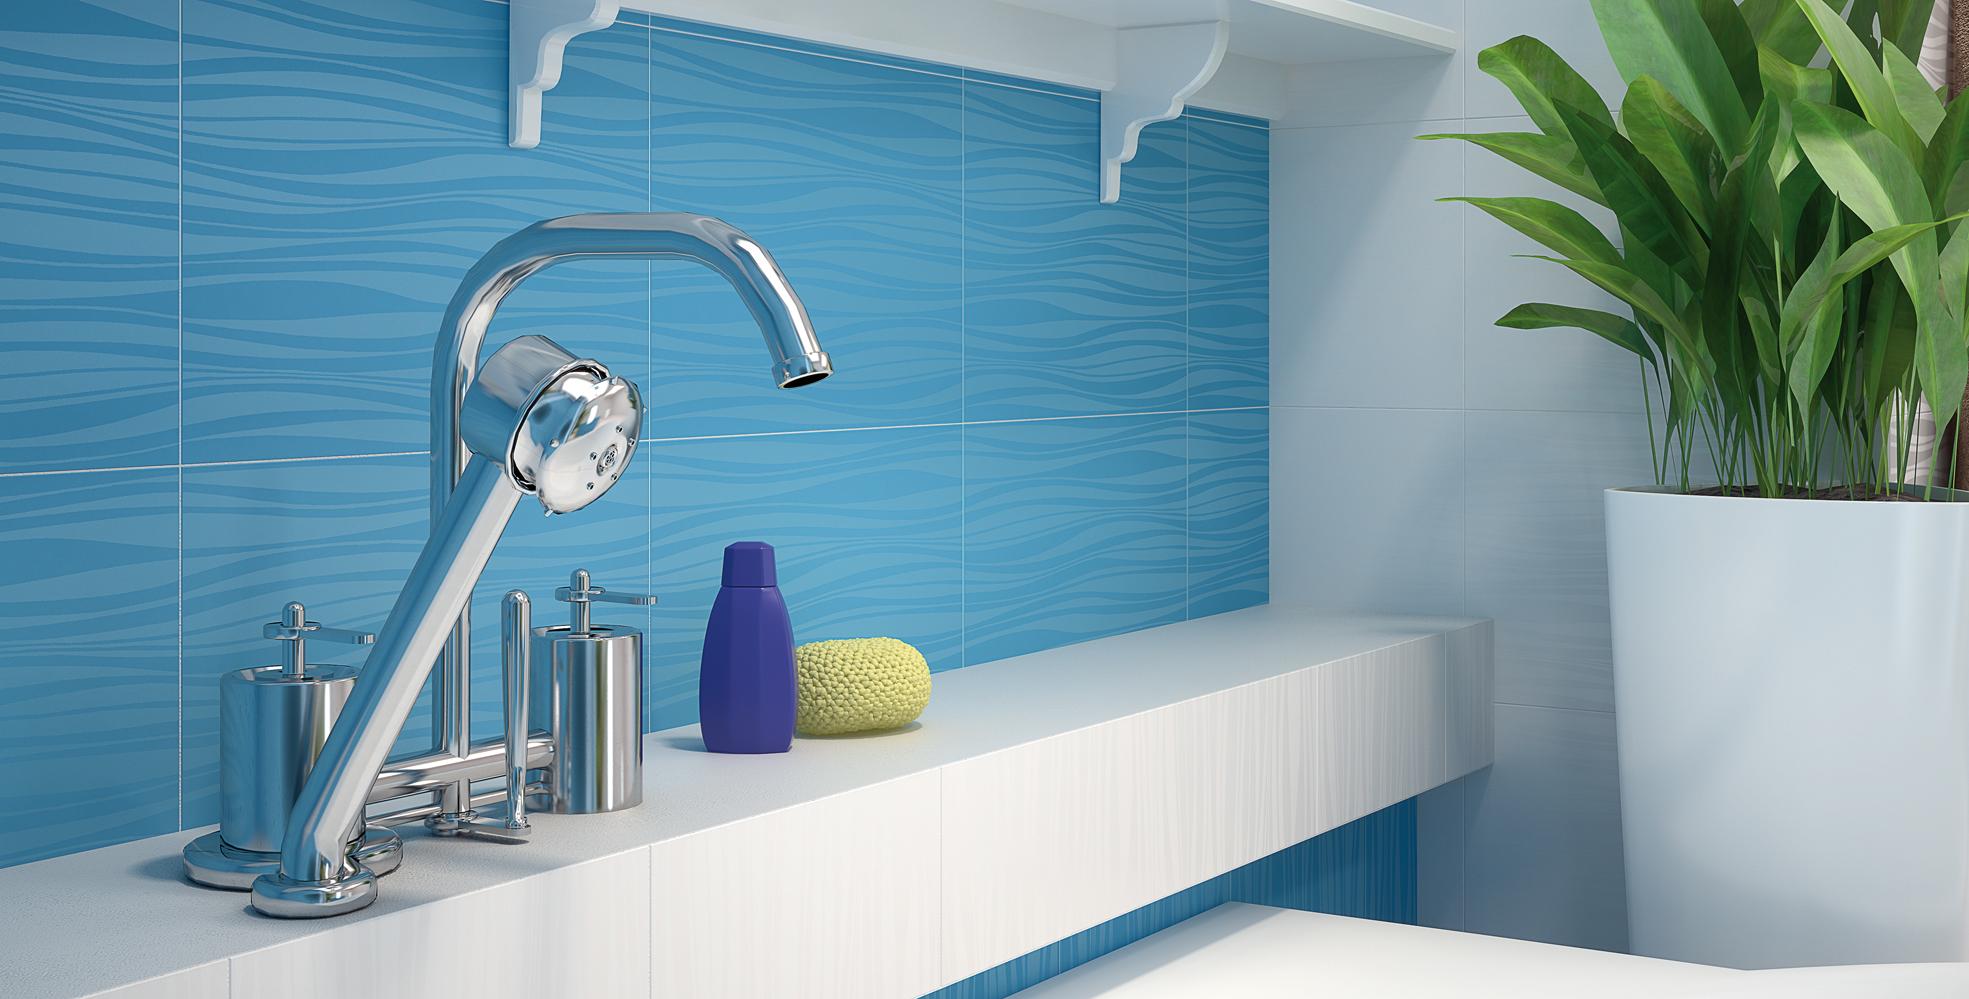 Голубая плитка в волнообразным рисунком